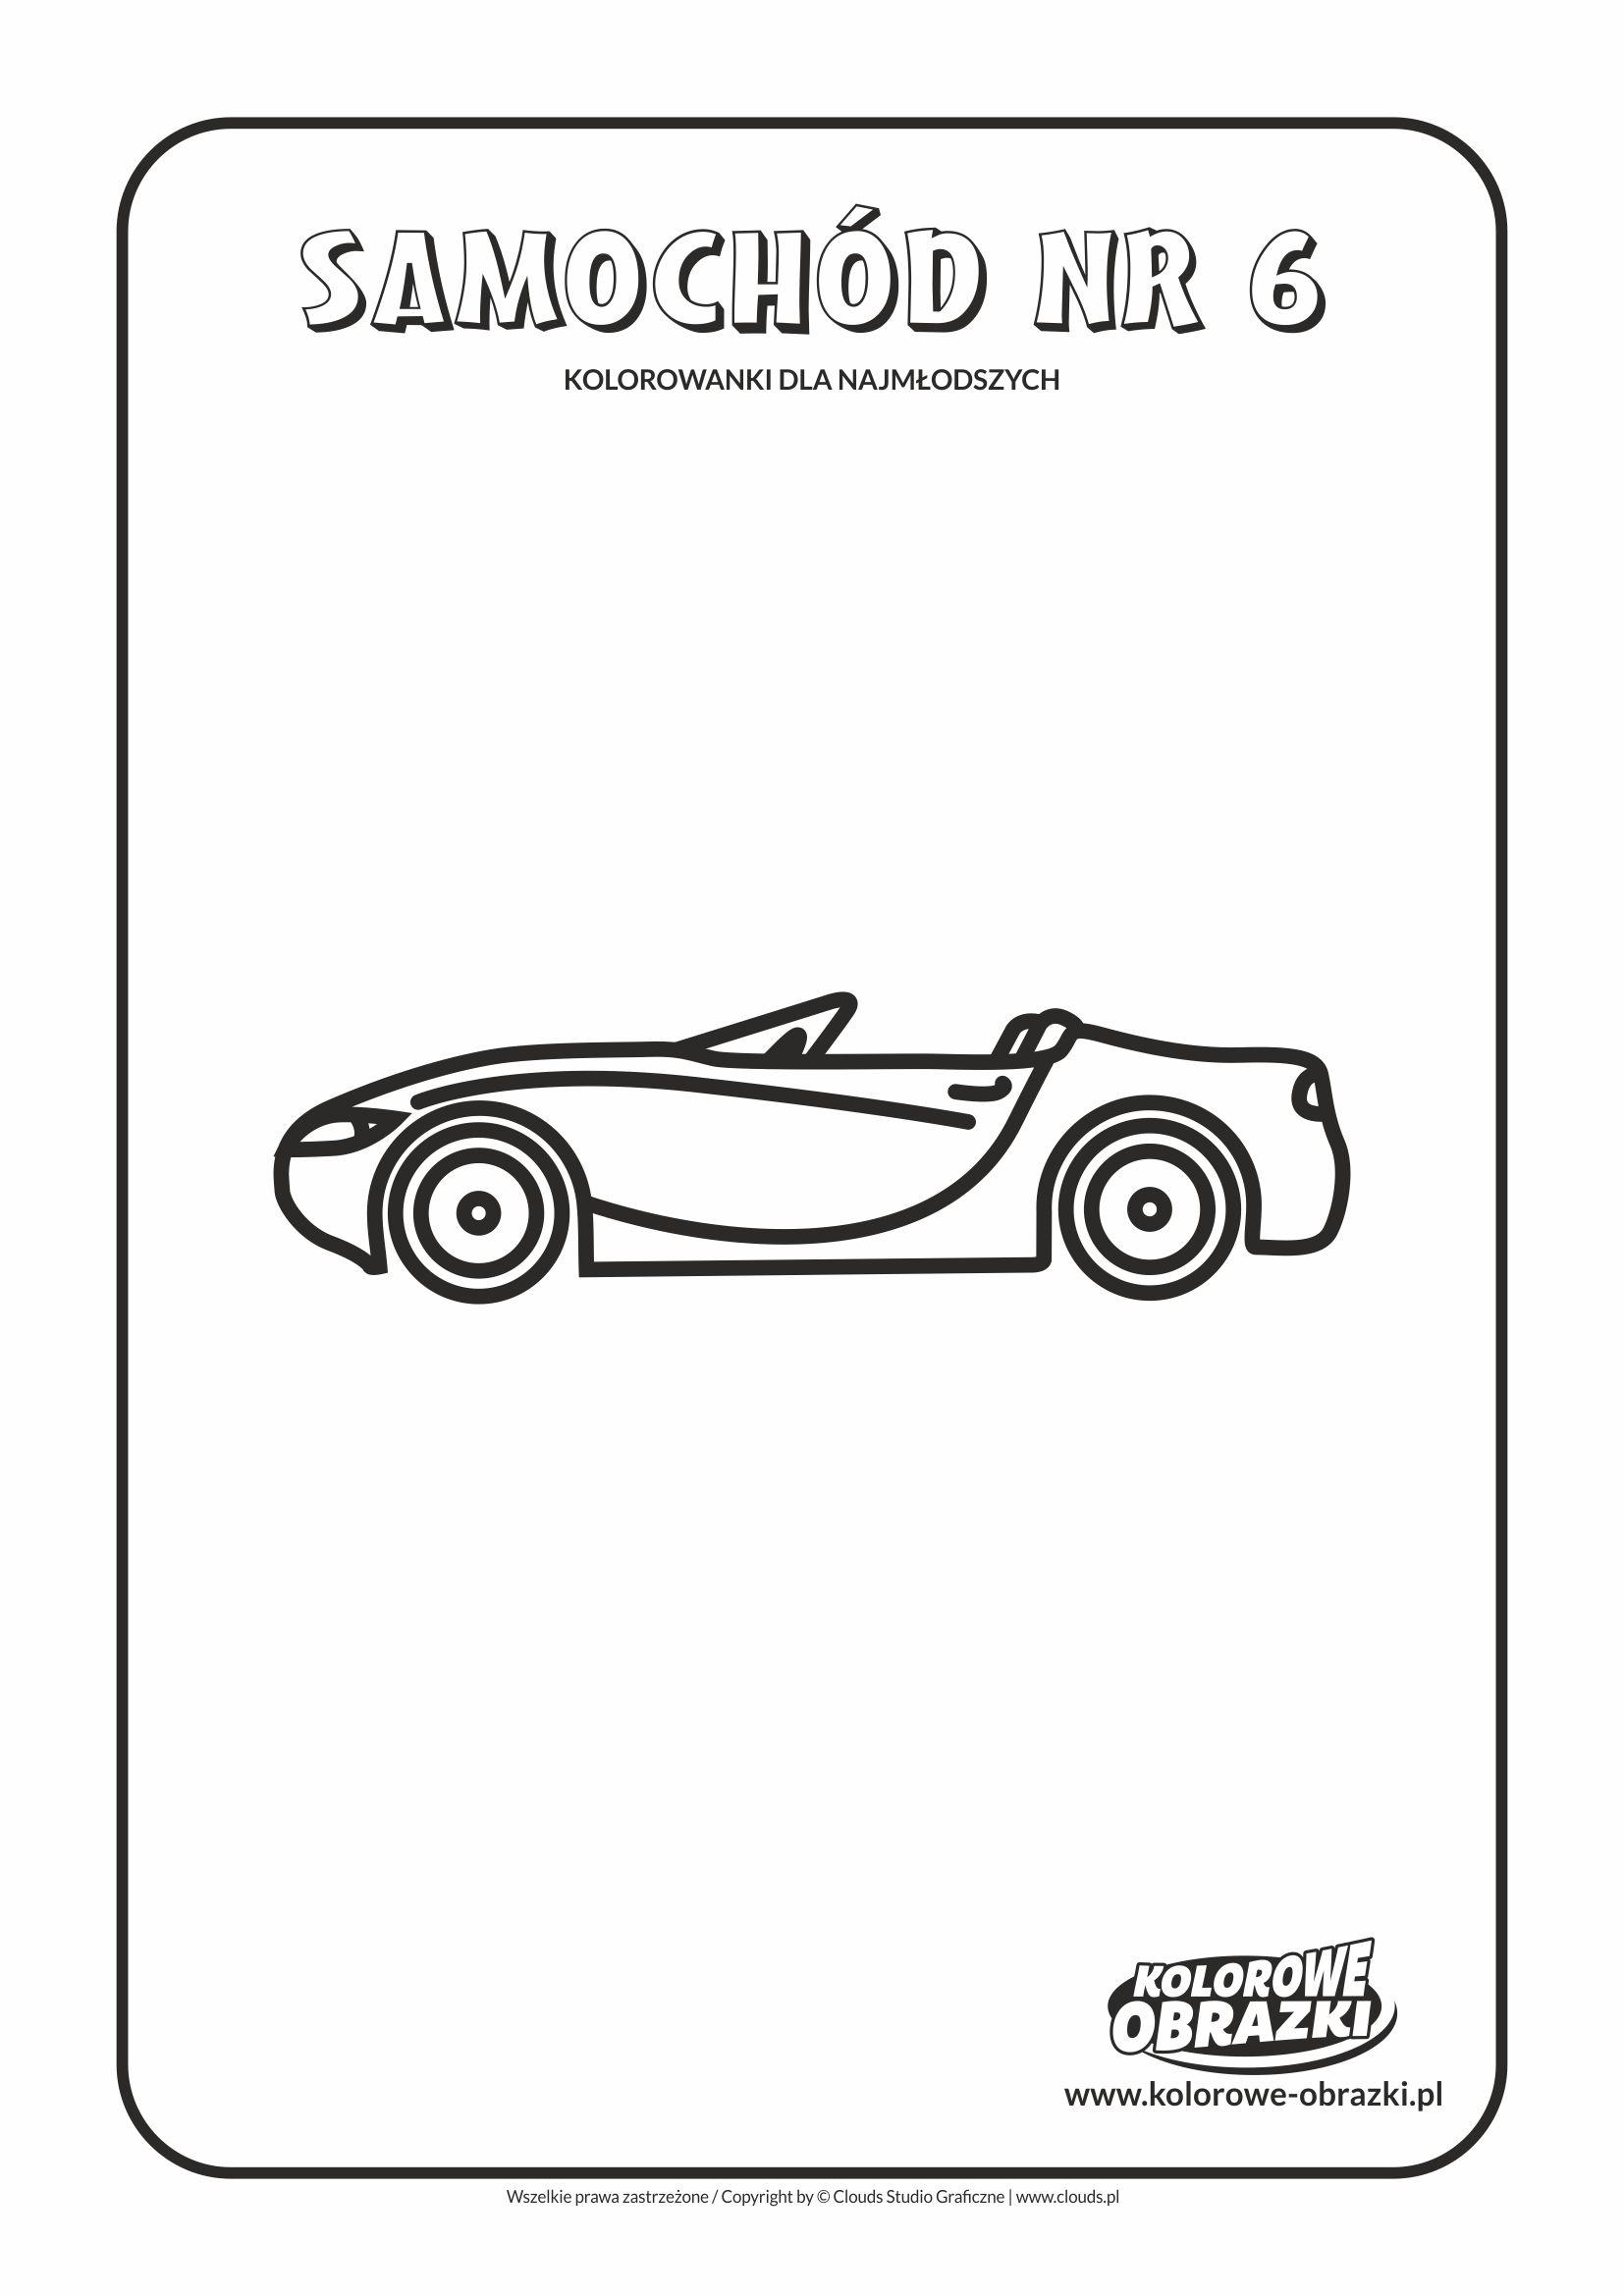 Proste kolorowanki dla najmłodszych - Samochody / Samochód nr 6. Kolorowanka z samochodem